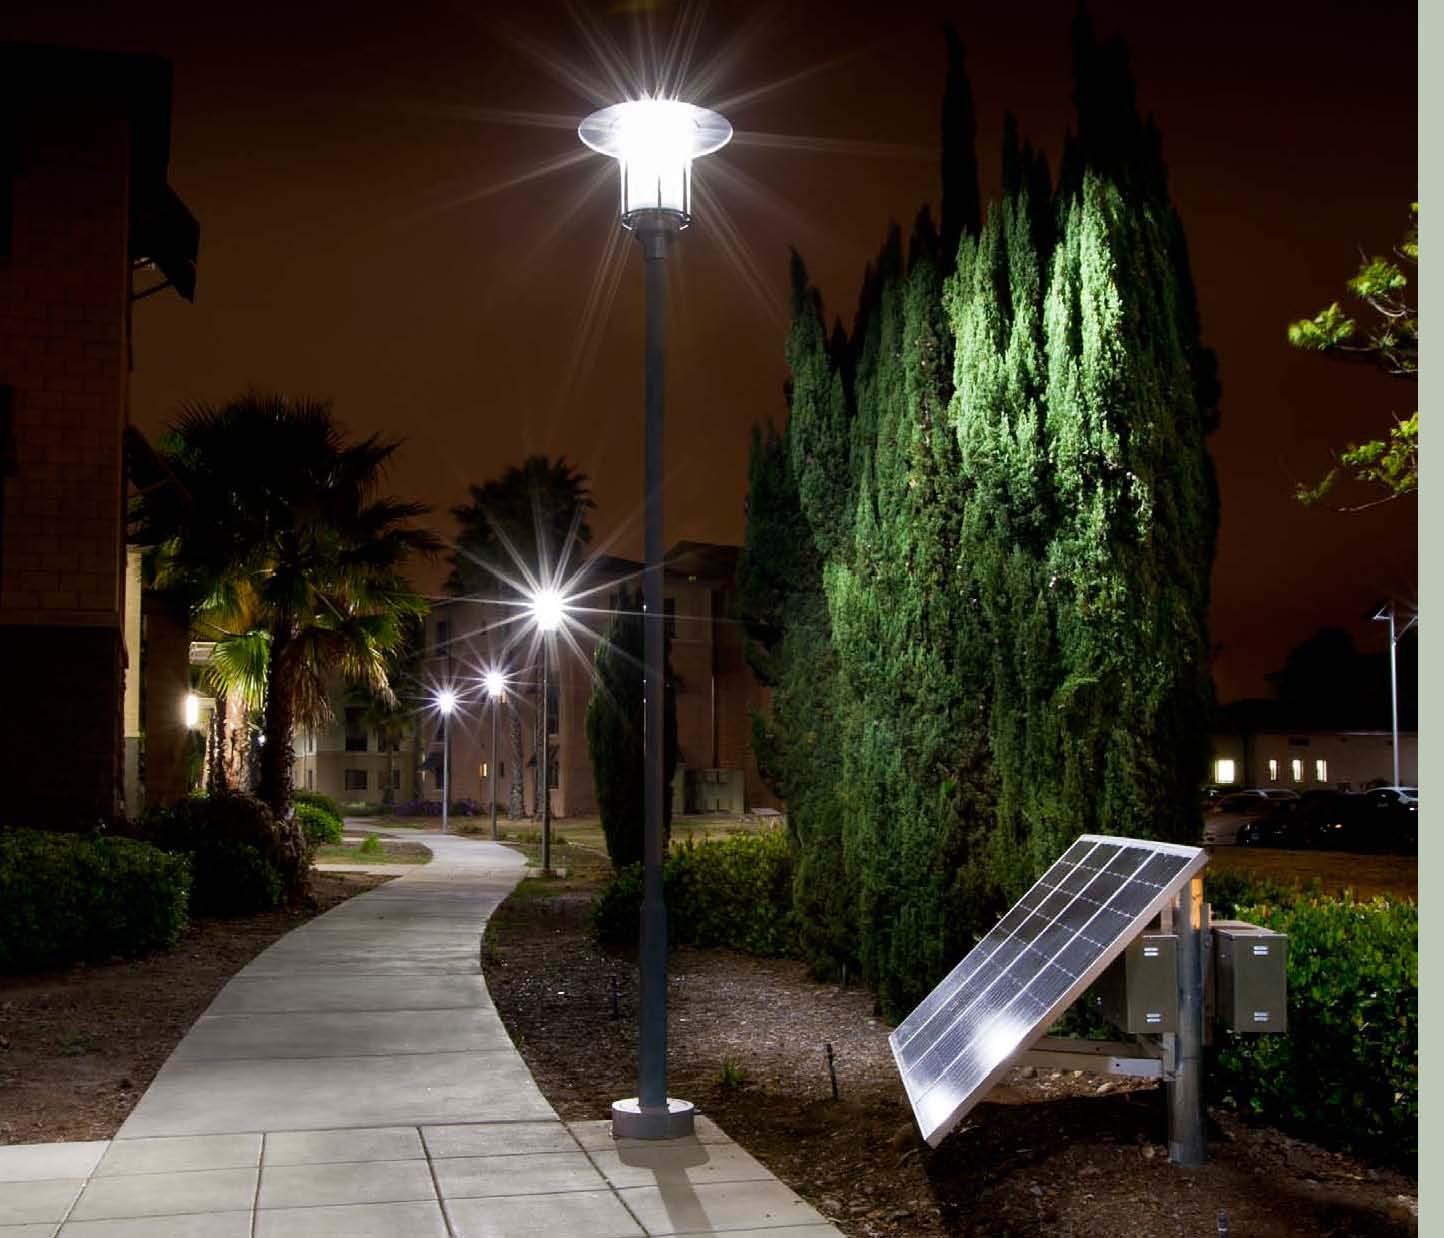 Sidewalk lighting fixtures lighting designs sidewalk lighting fixtures designs arubaitofo Gallery